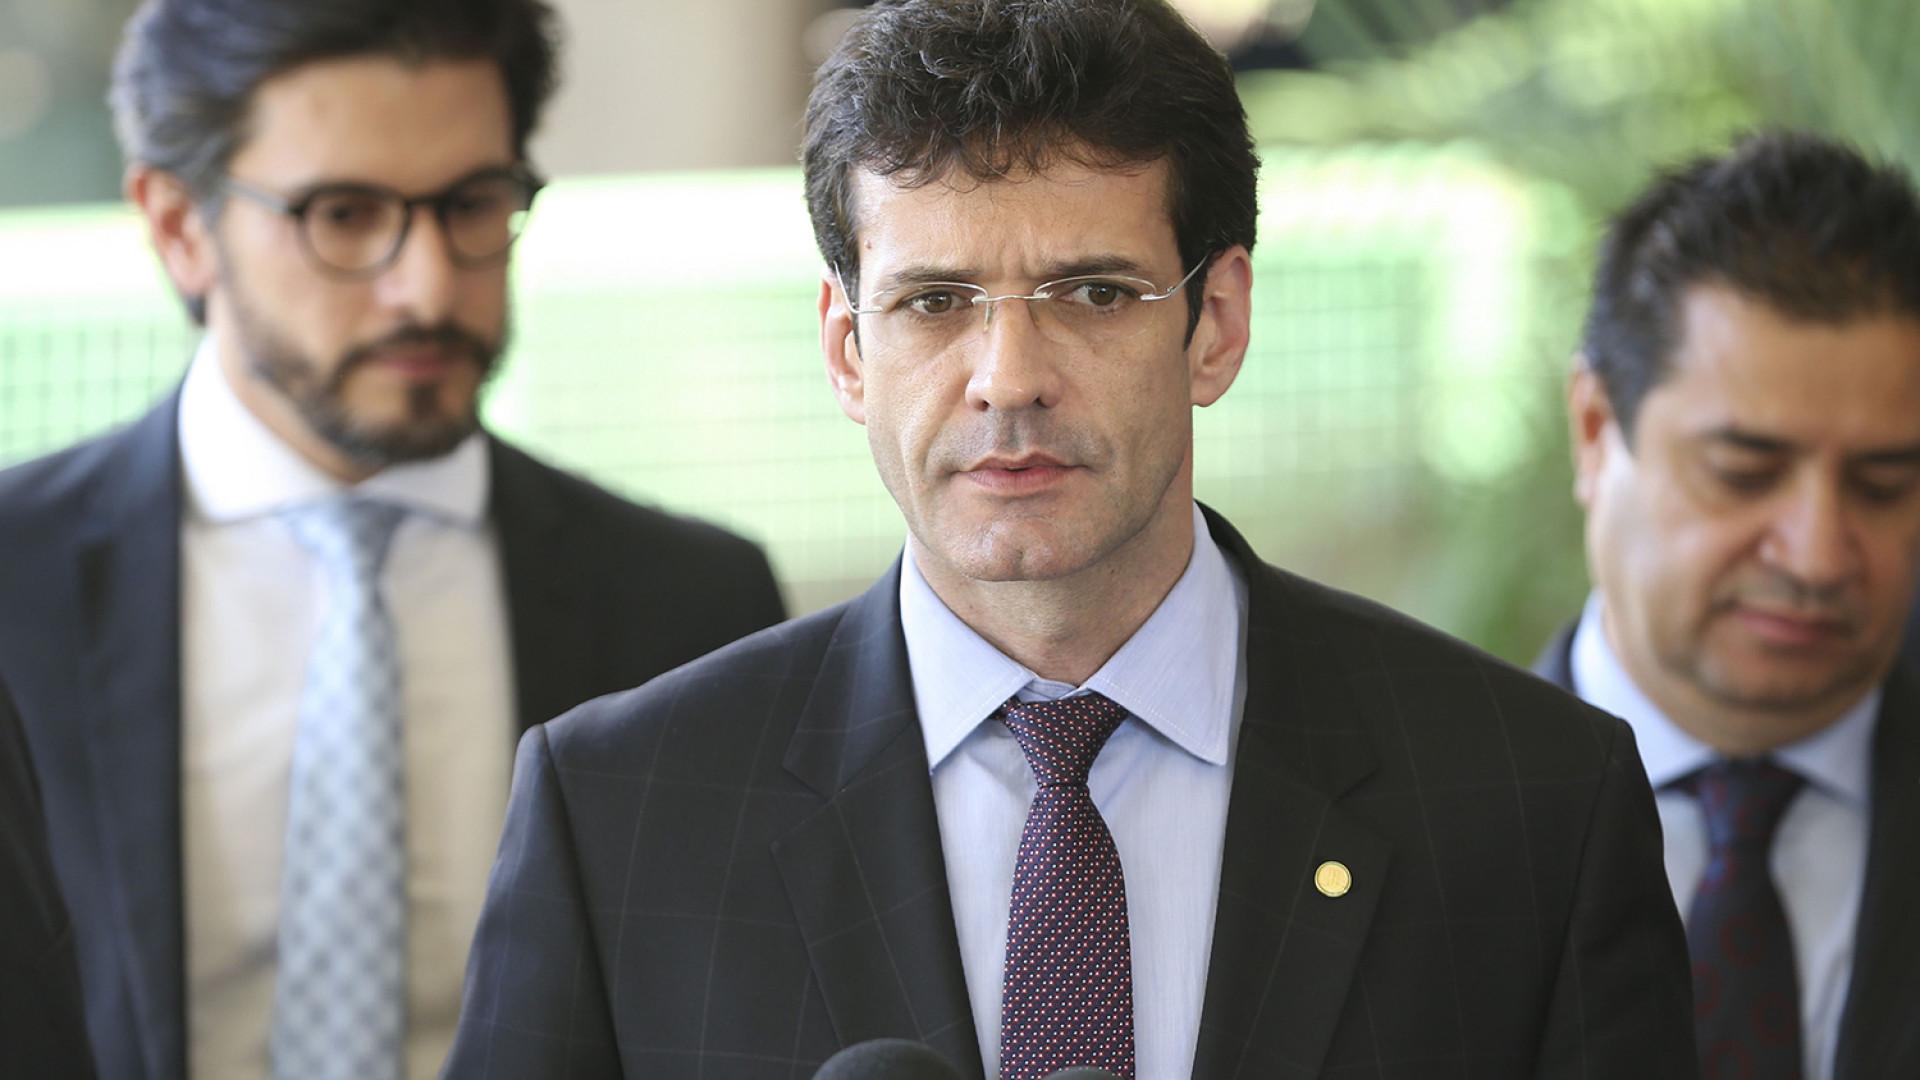 Apuração da PF indica participação de ministro em esquema de laranjas